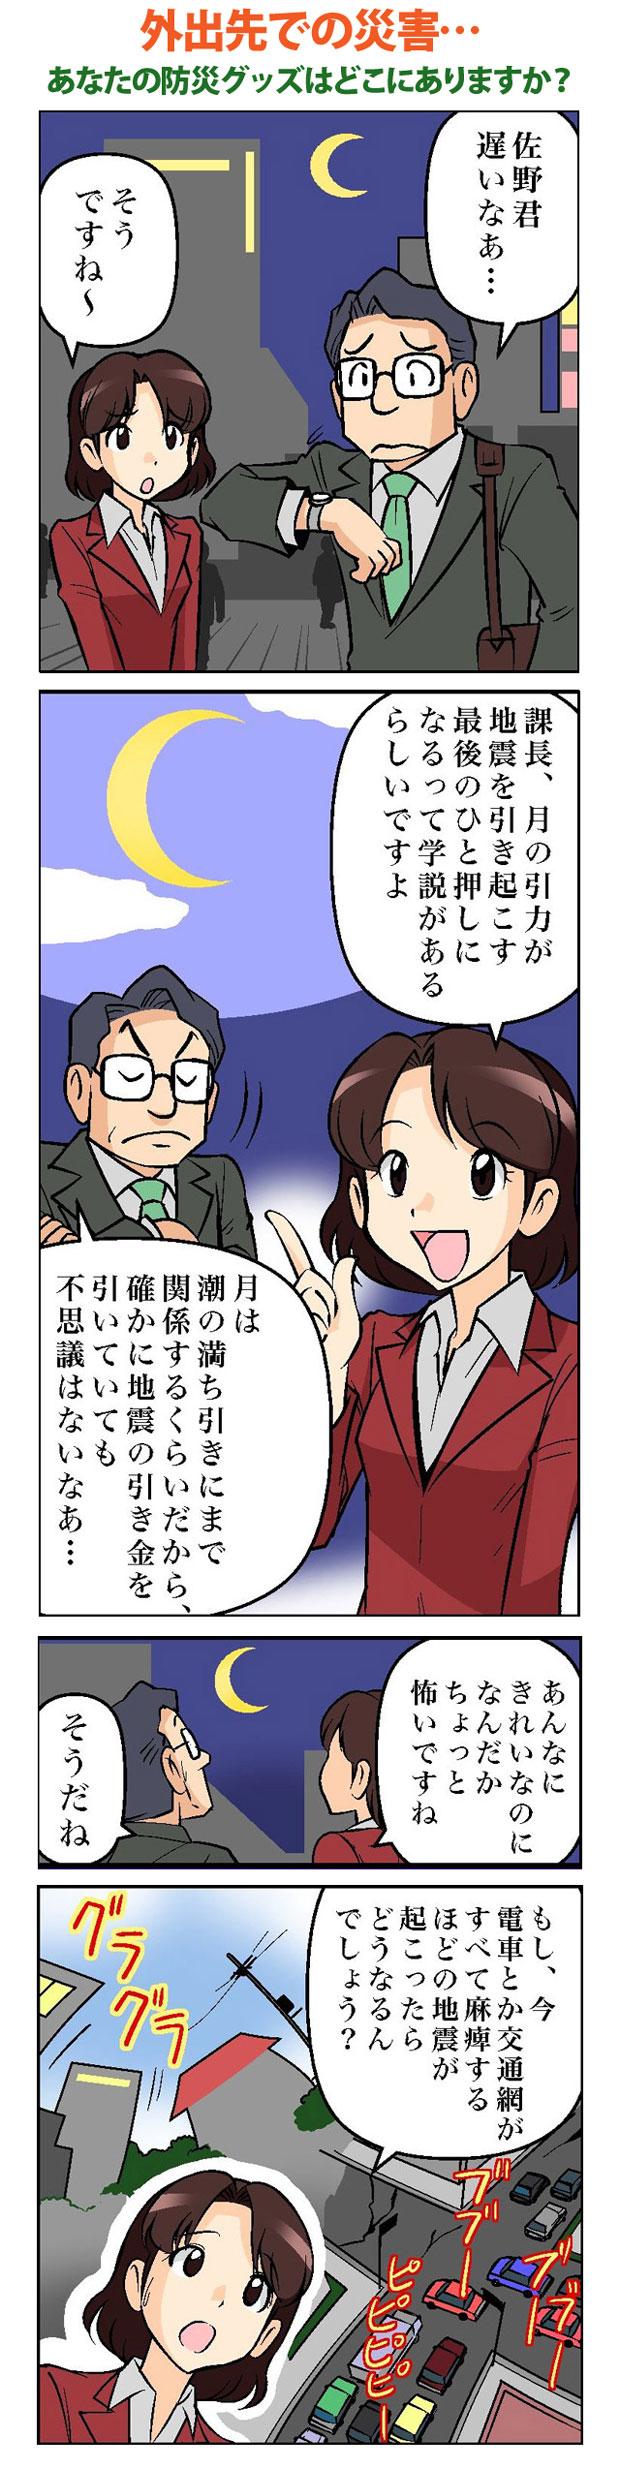 モバイル防災グッズ03